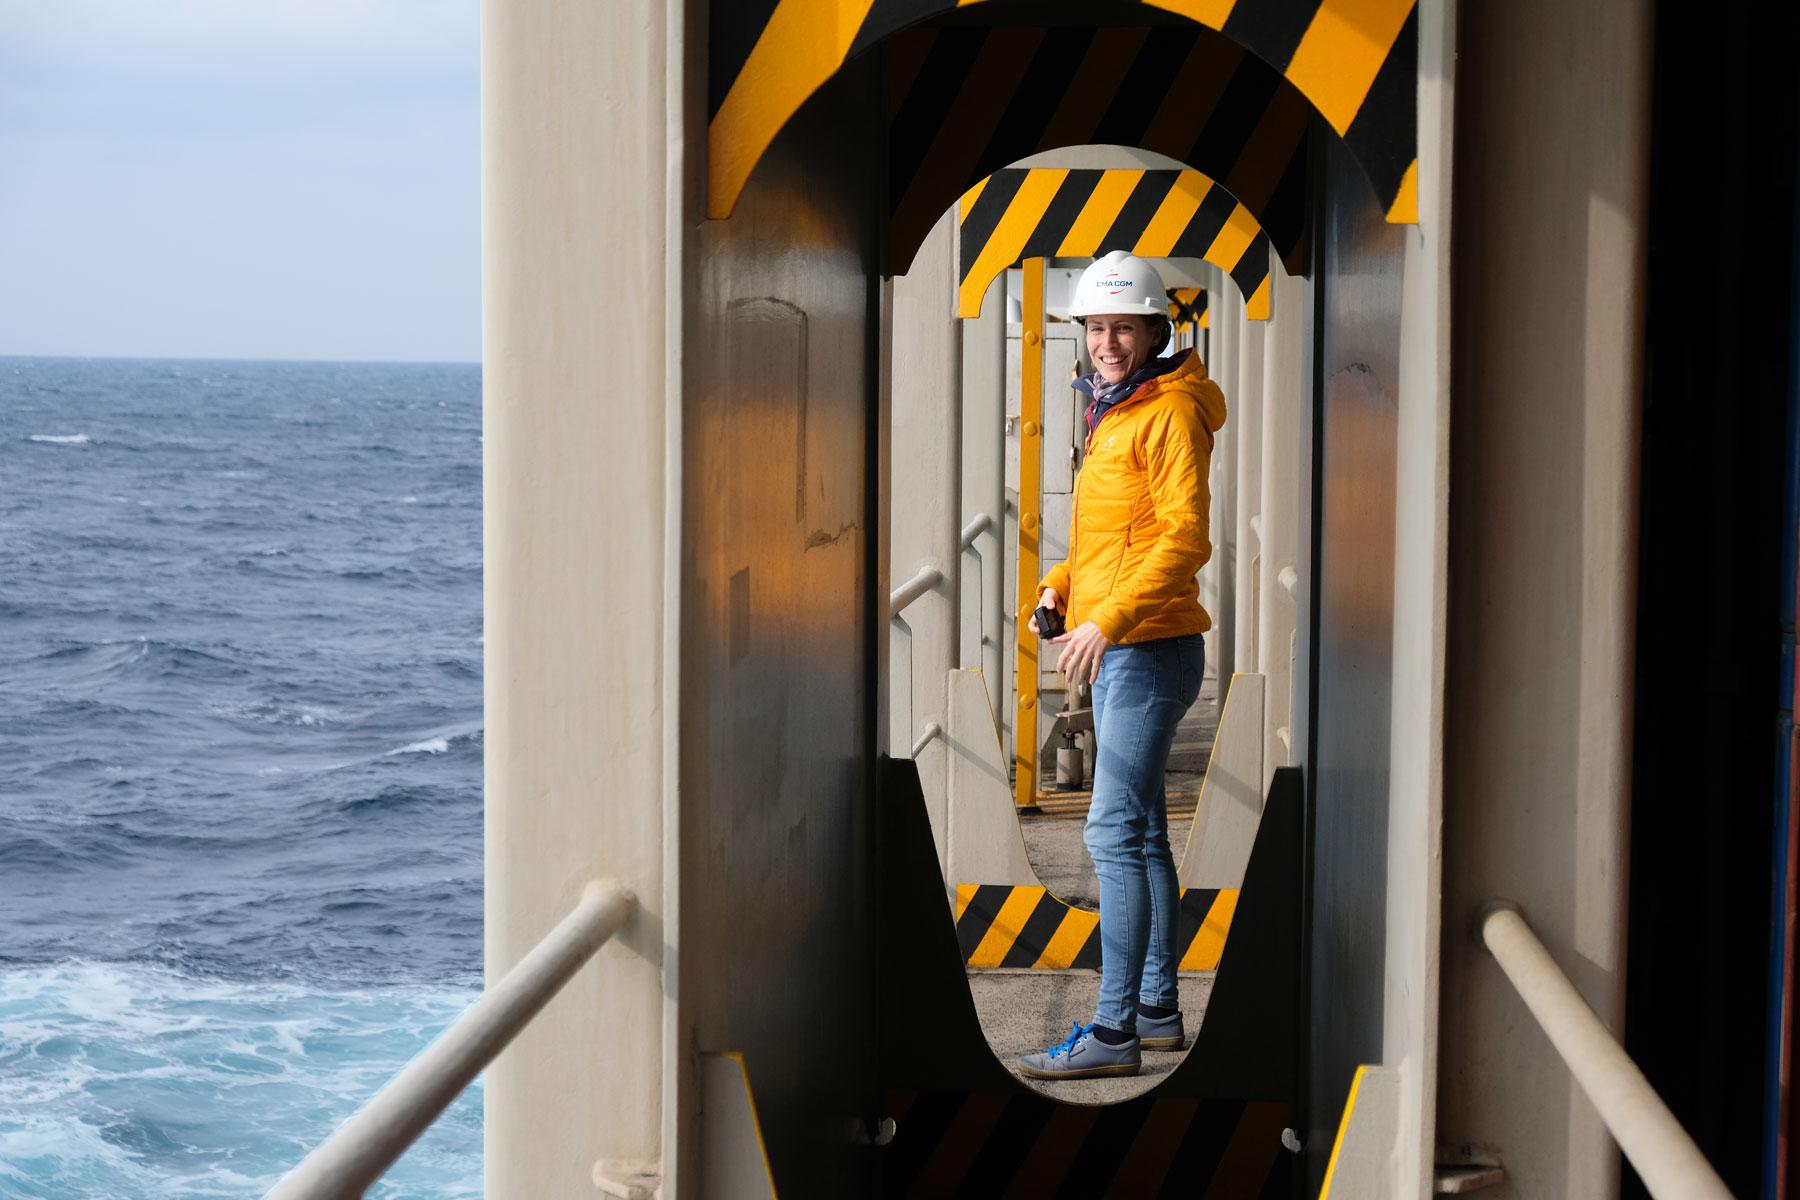 Leo am Heck eines Containerschiffes, das den Pazifik überquert.